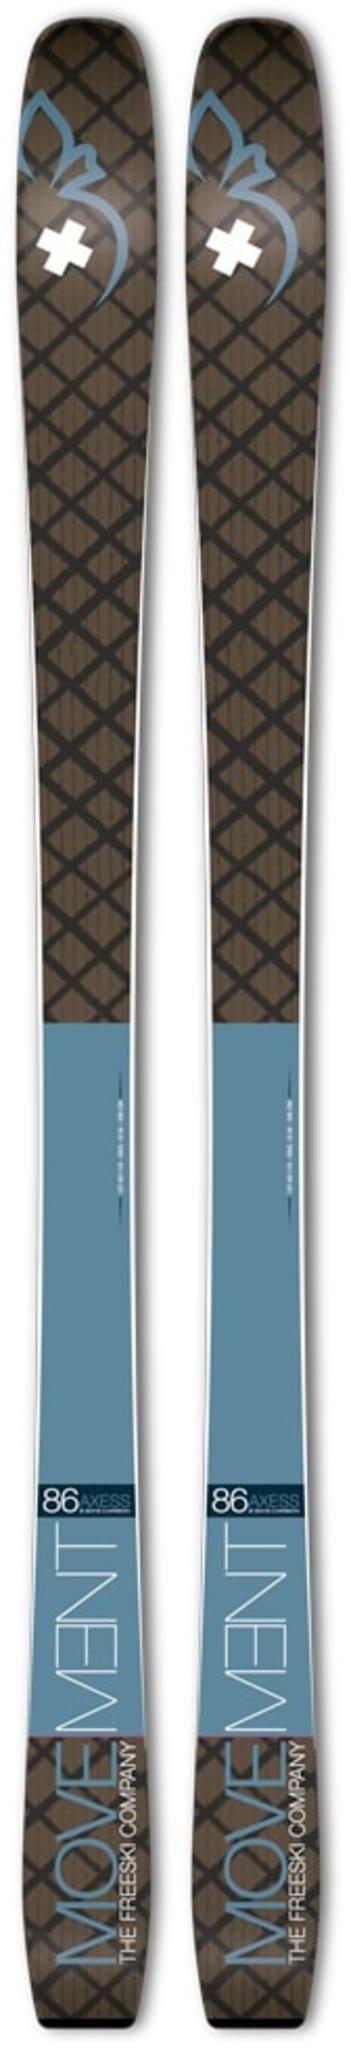 AXESS 86 & Titan Vario 2